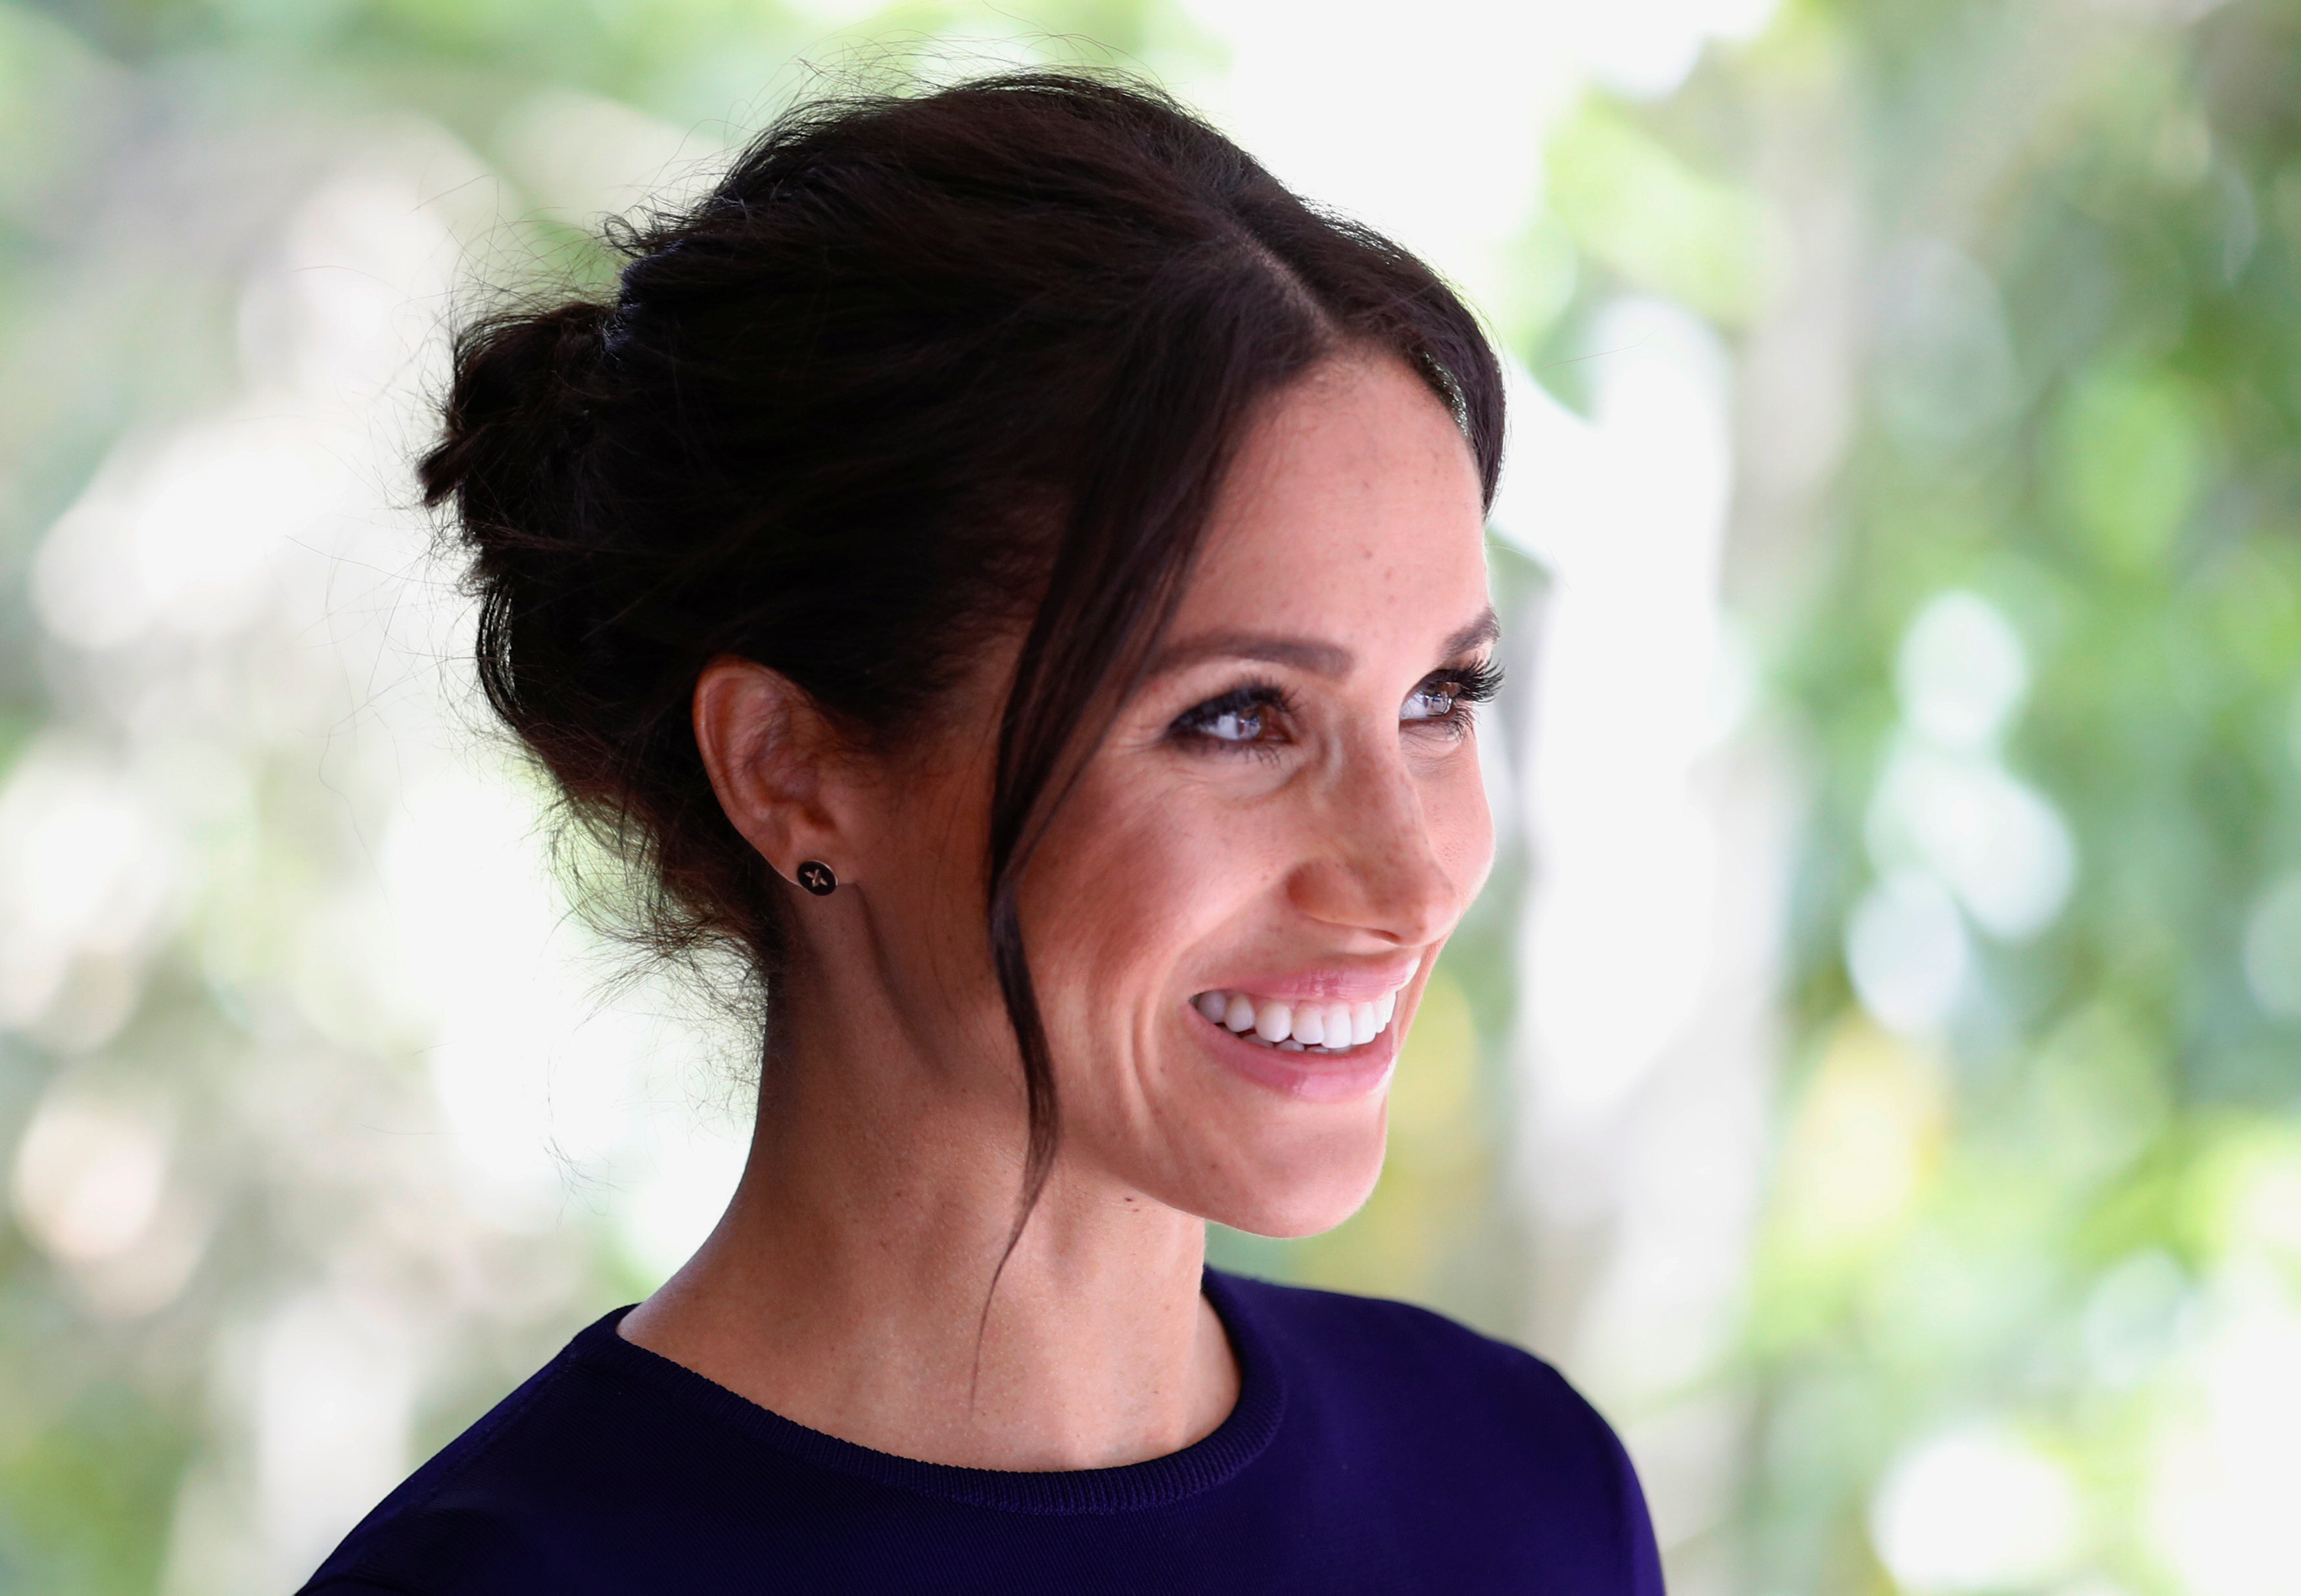 Королевские лайфхаки: советы от косметолога Меган Маркл по уходу за кожей